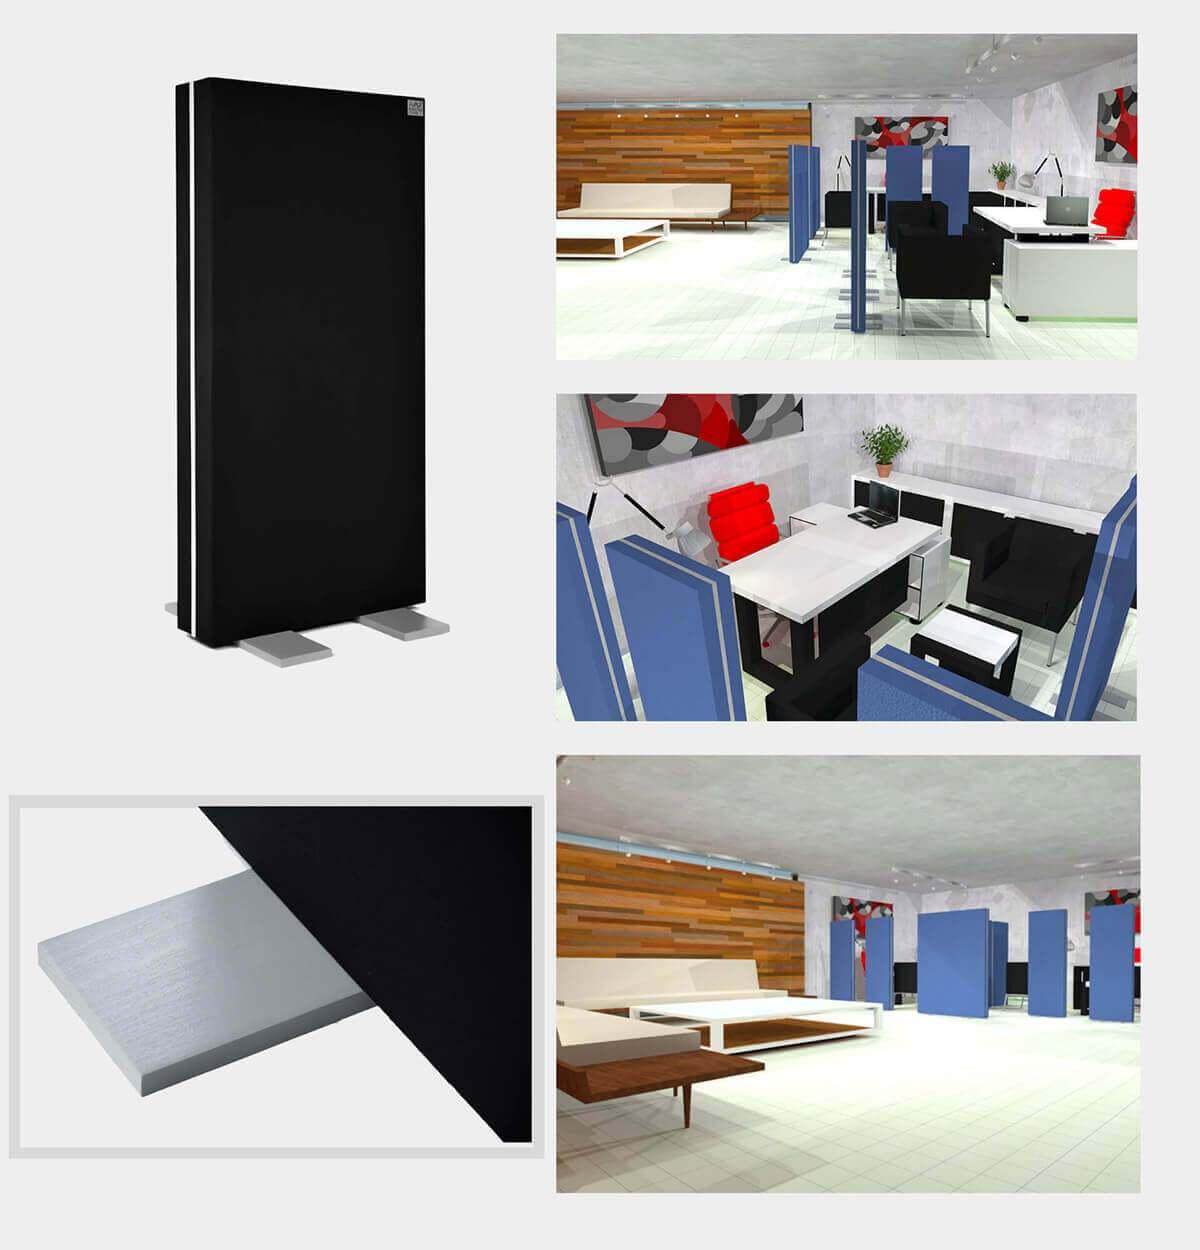 Adaptacja akustyczna pomieszczeń biurowych